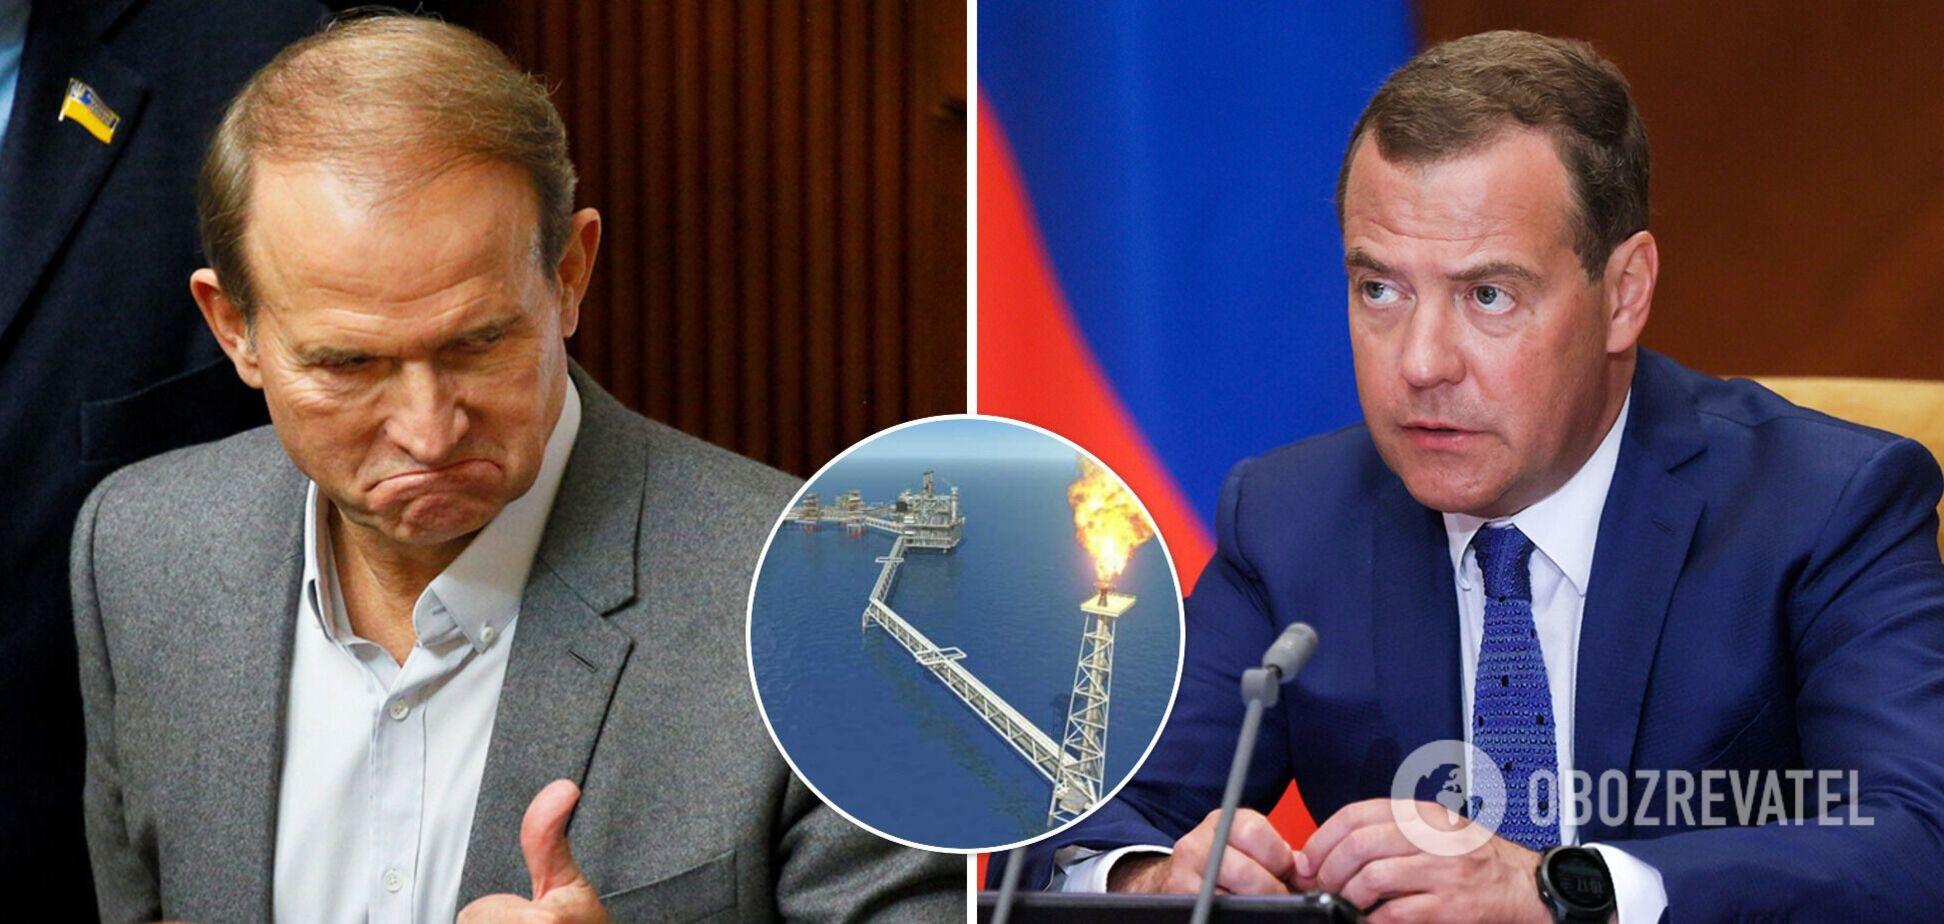 Как Медведчук 'передал' крымское месторождение нефти и газа России и удастся ли его посадить: разбор схемы